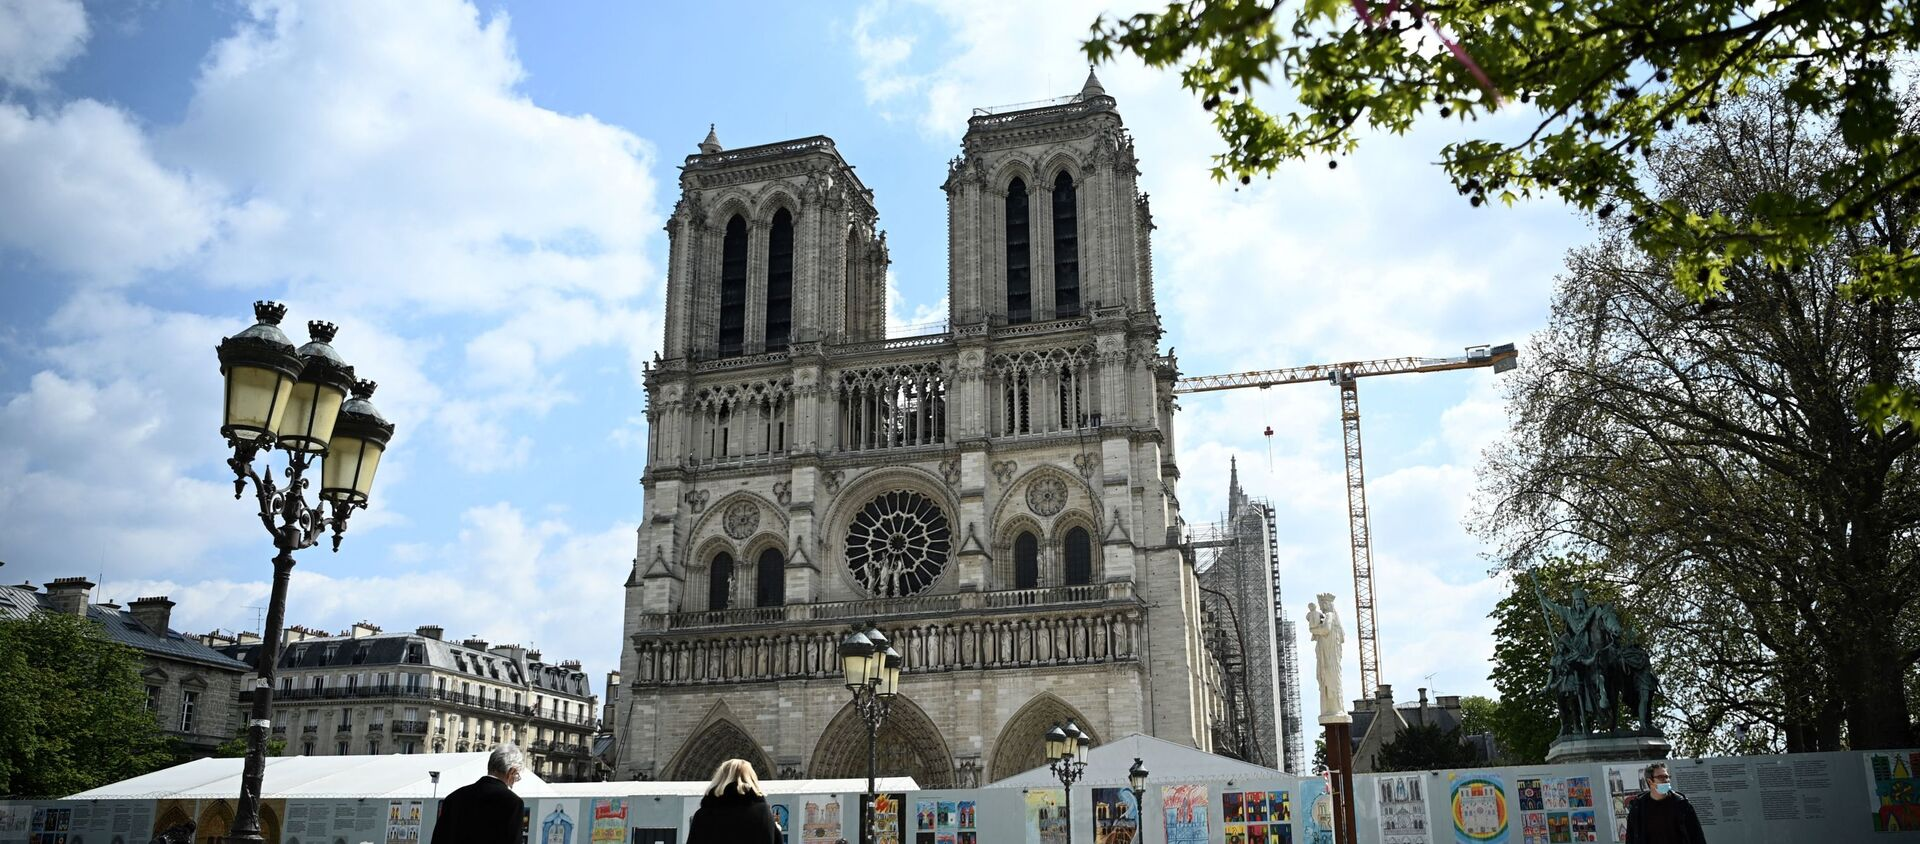 Katedra Notre-Dame prawie dwa lata po pożarze, 14 kwietnia 2021 roku - Sputnik Polska, 1920, 13.05.2021